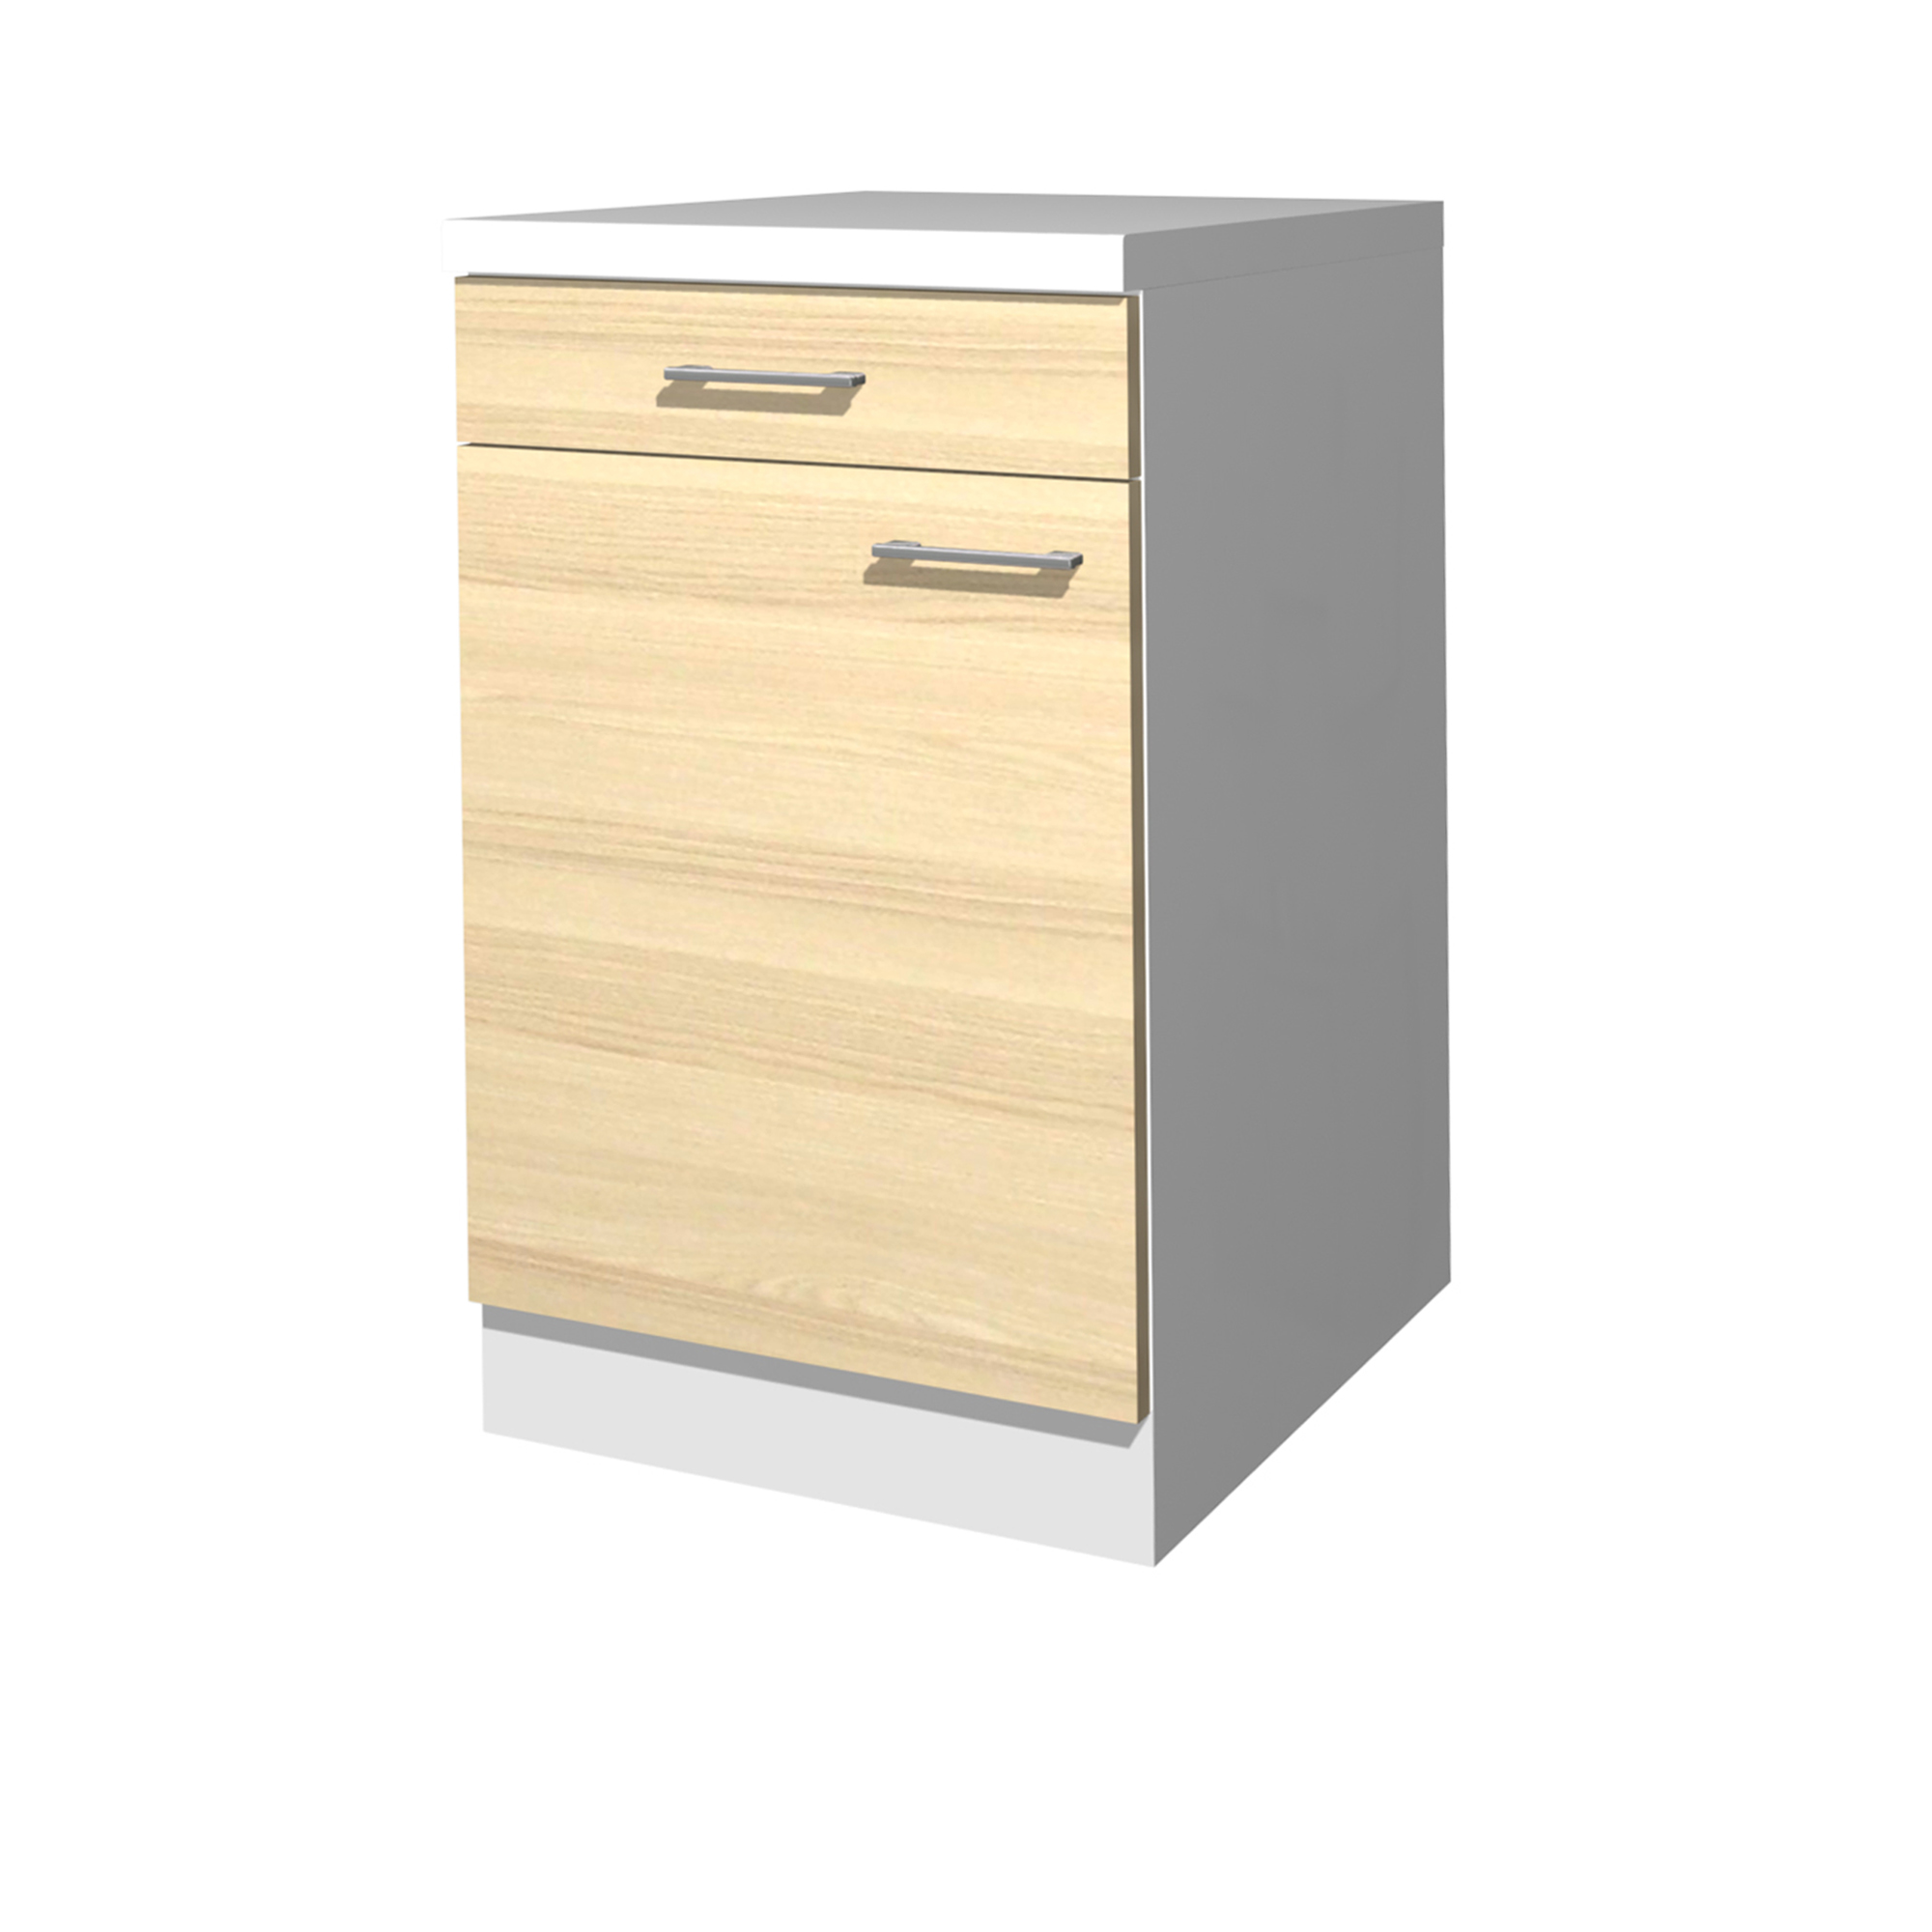 k chen unterschrank akazia 1 t rig 50 cm breit akazie mit echtholzstruktur k che k chen. Black Bedroom Furniture Sets. Home Design Ideas